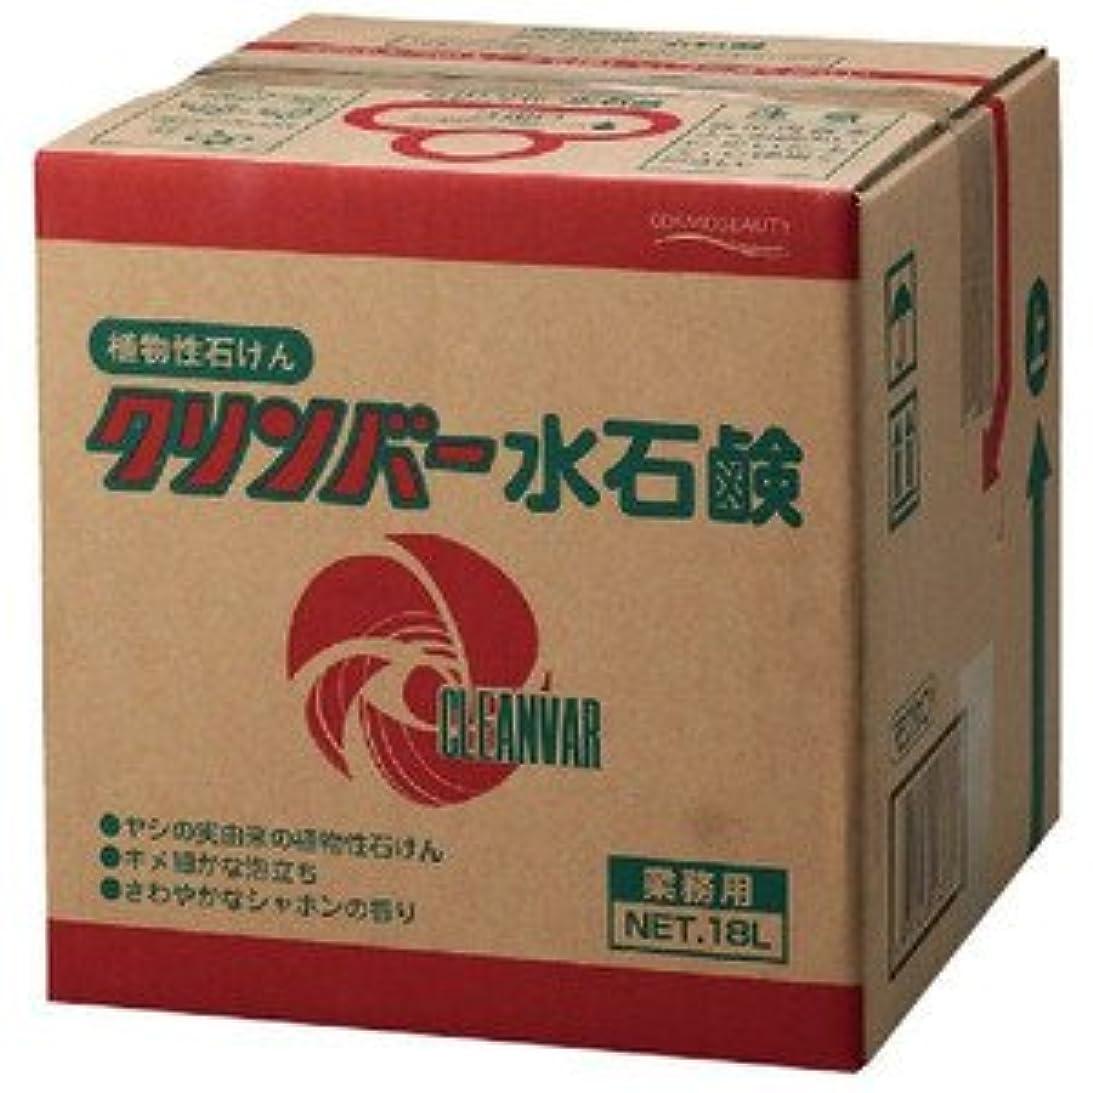 技術的なたらいブレーキコスモビューティー ヤシの実由来 業務用液体手洗い洗剤 ナチュラルソープ( 旧名:クリンバー水石鹸) 18L 16373